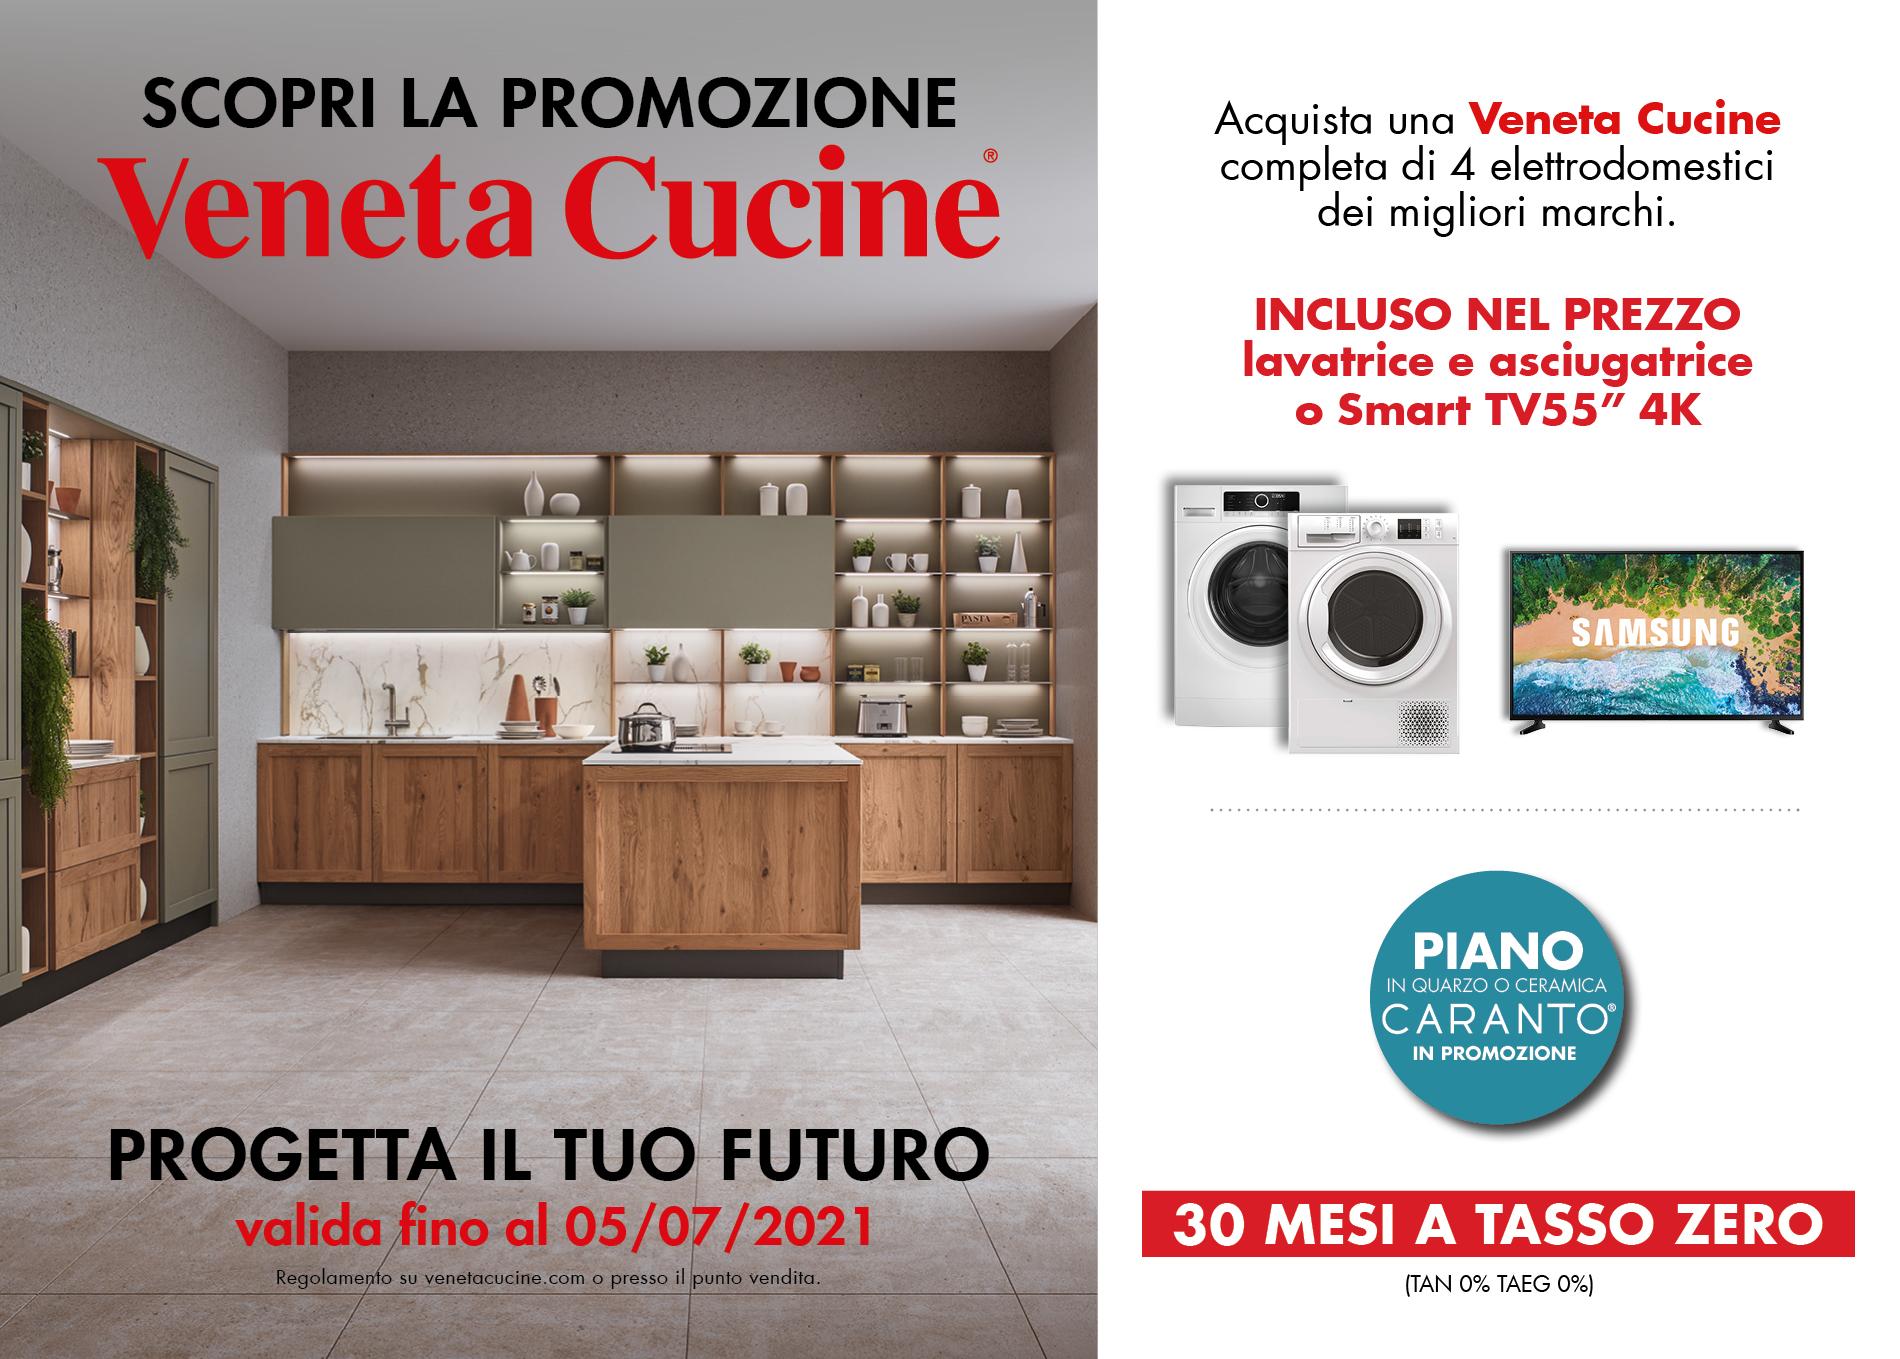 PROMO_Veneta Cucine_1900x1359px